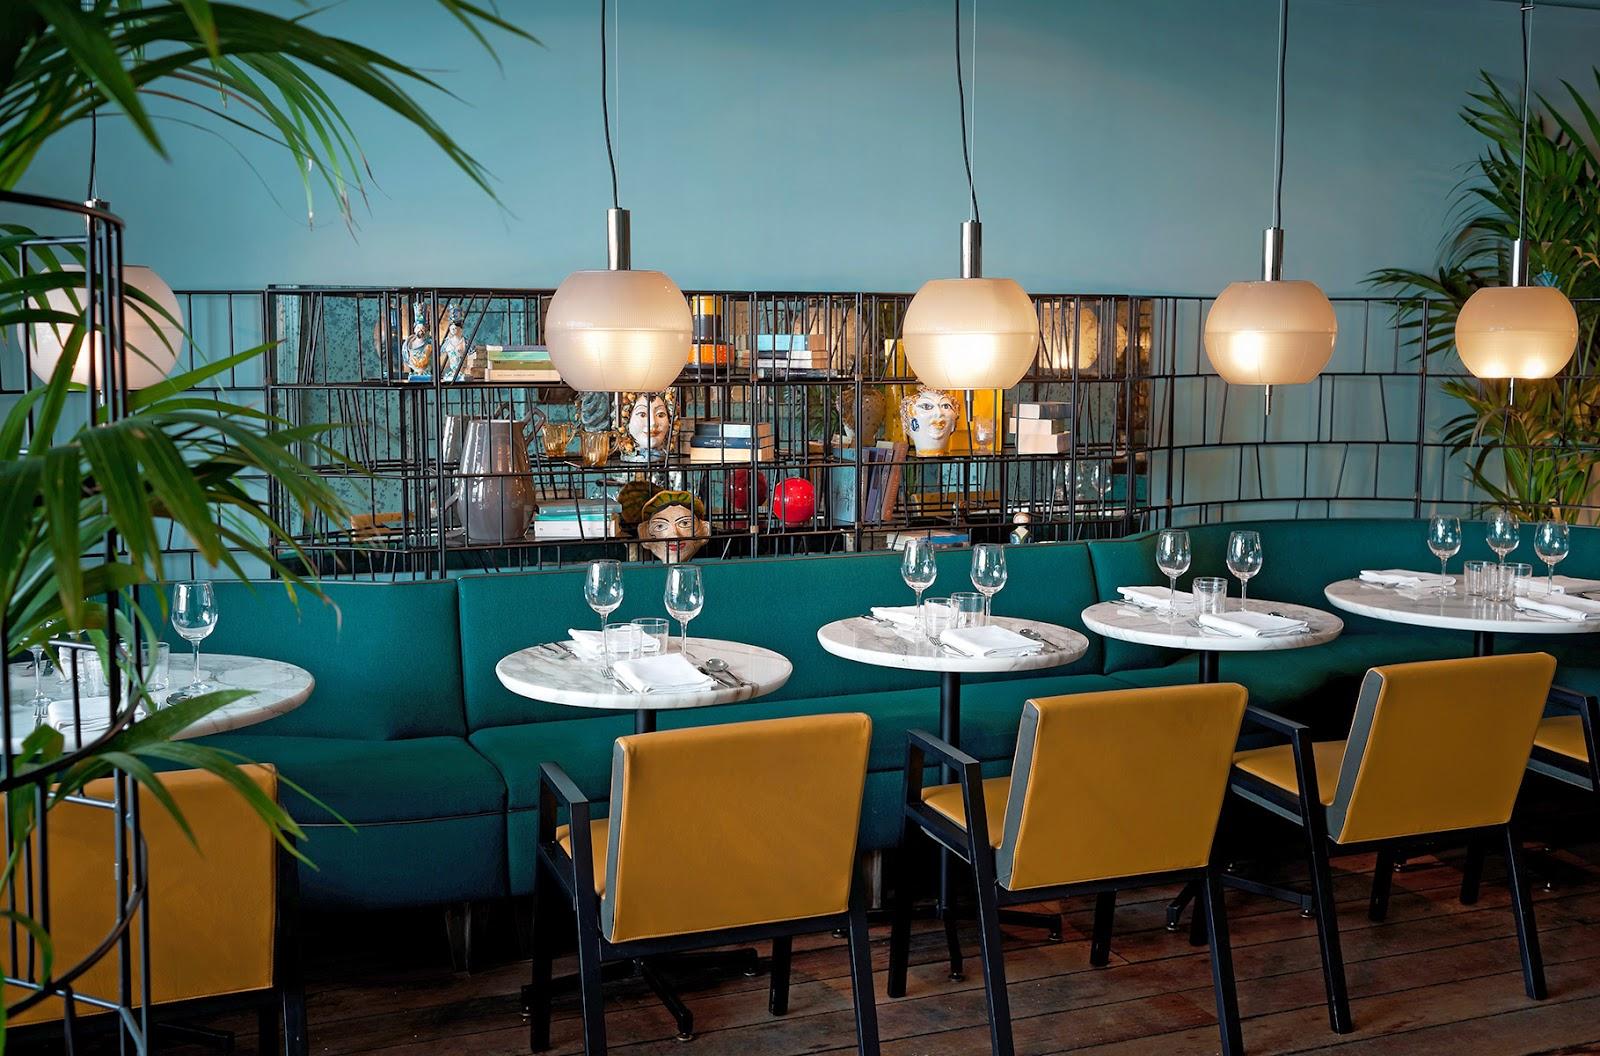 Dimore Studio überzeugt mit gekonntem Design und Einrichten in Pariser Restaurant